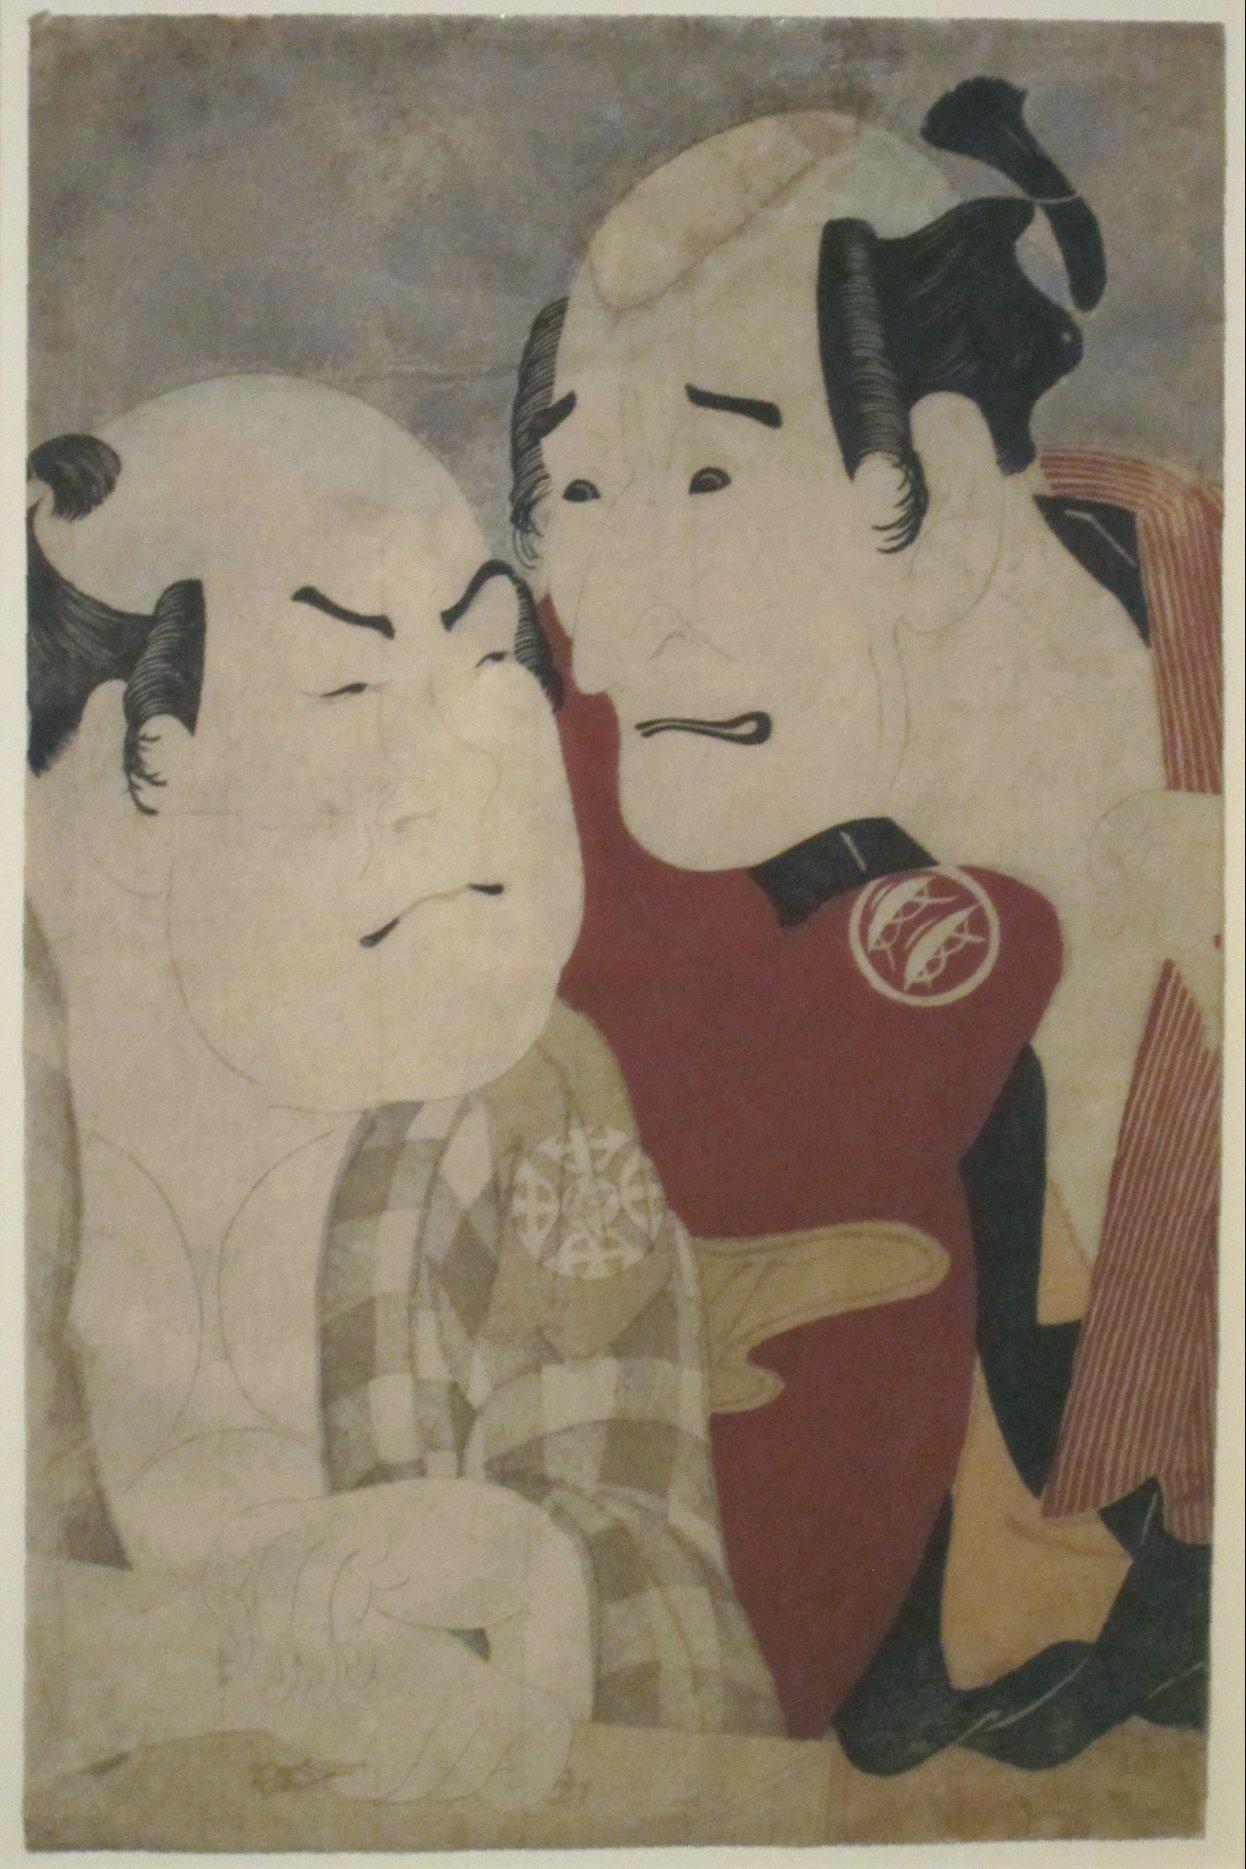 K Nakajima Woodblock Prints FileWadaemon Nakajima as